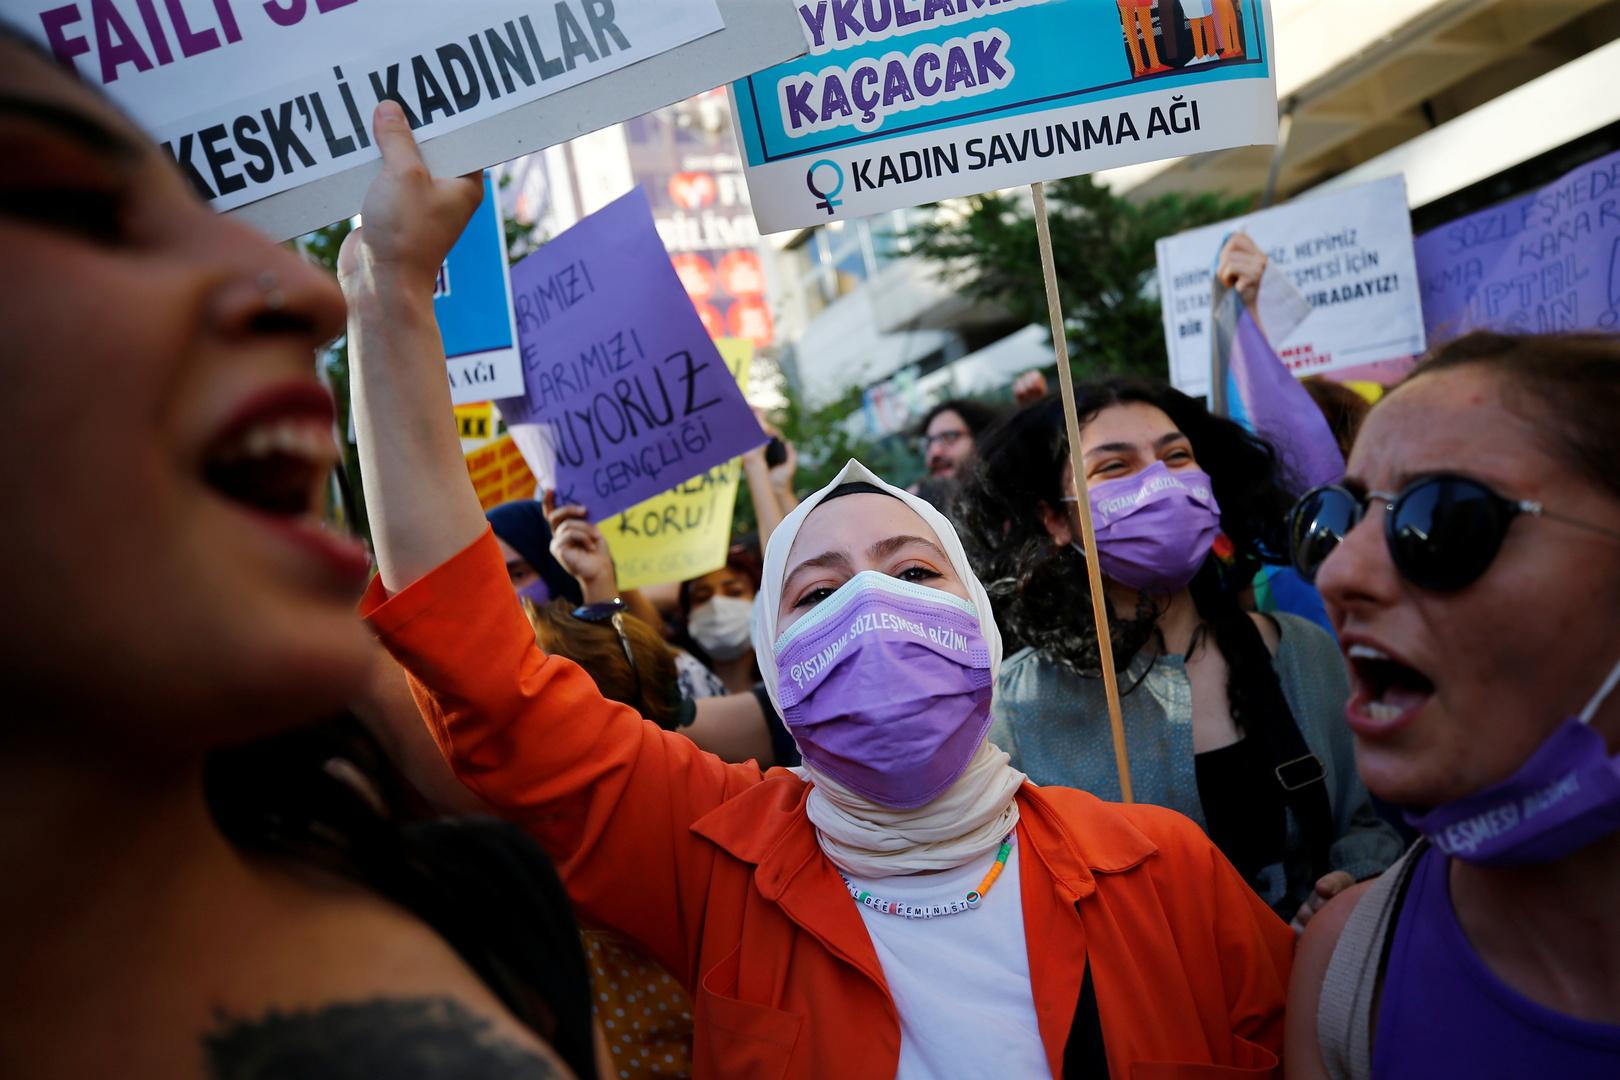 تركيا.. احتجاجات نسائية بعد الانسحاب من اتفاقية منع العنف ضد المرأة